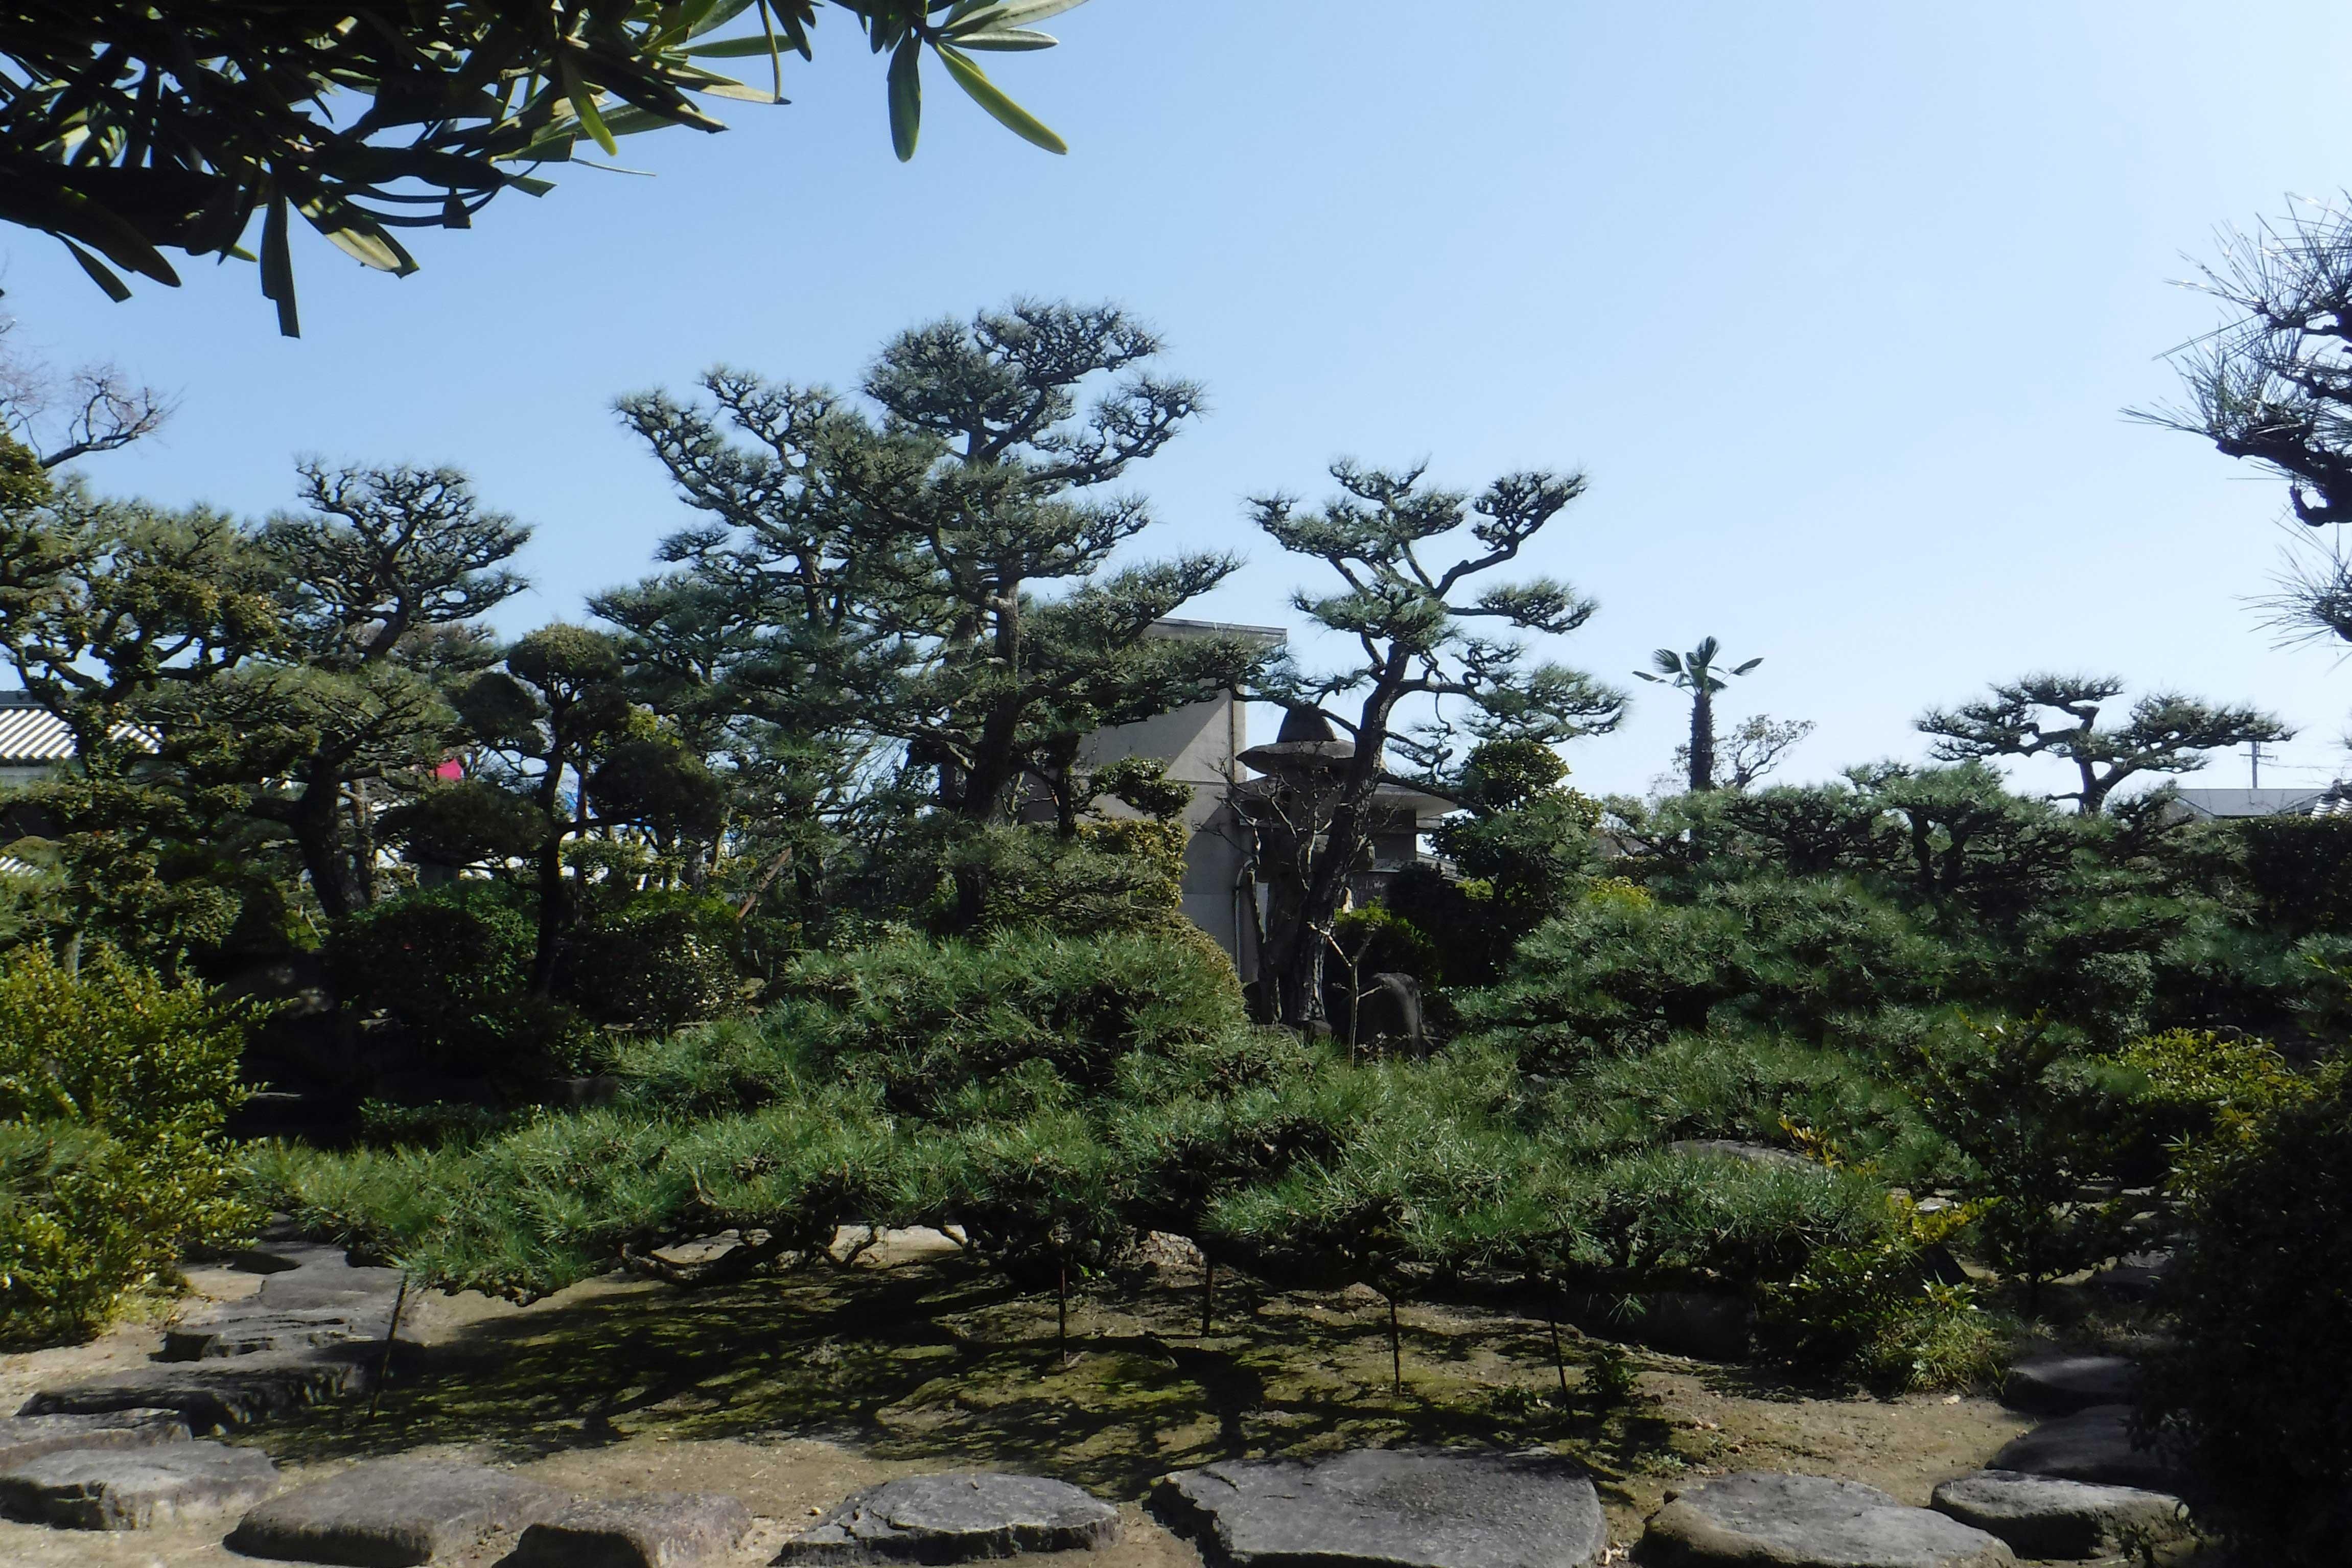 <p>庭園</p>松樹庭園。因現当主的祖父之名「楠治」而多植楠木樹。